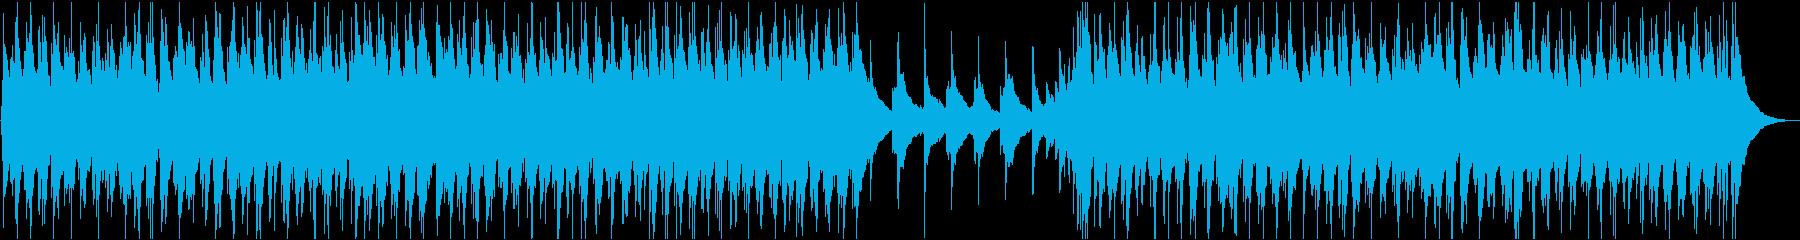 吉田拓郎みたいな昭和のフォークソングの再生済みの波形